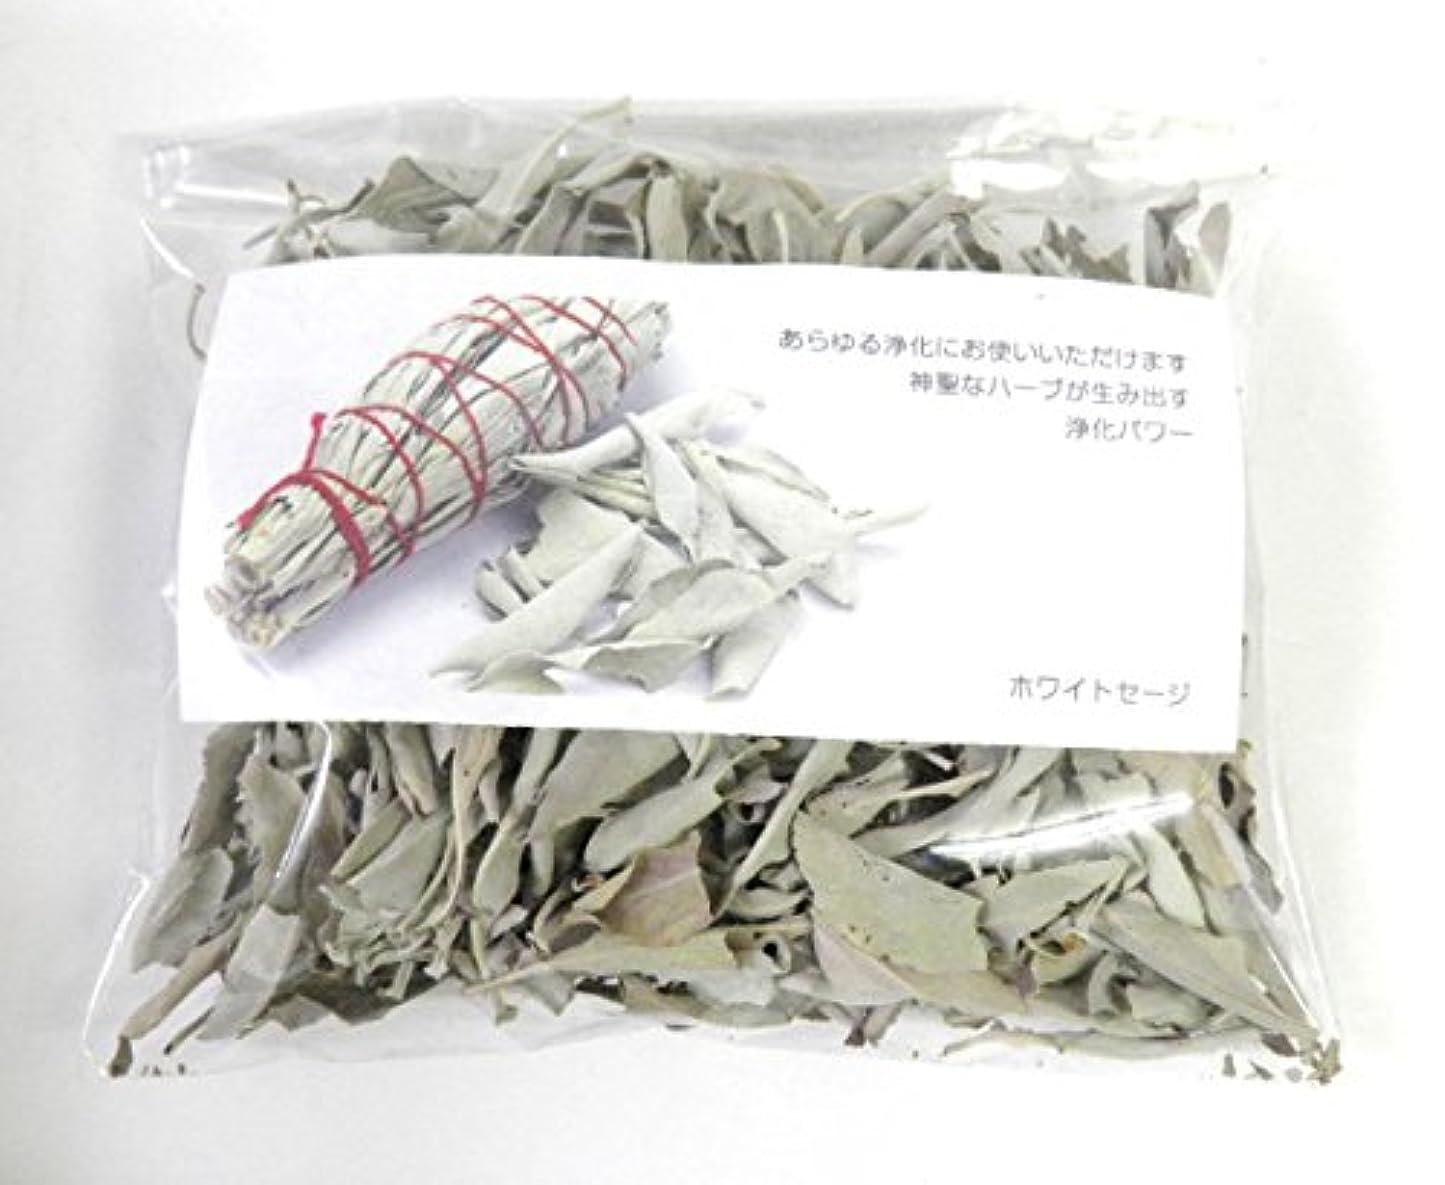 自然マルコポーロ現像ホワイトセージ リーフのみ 約50g 浄化用 オーガニック 無農薬 お香 プロ用 パワーストーン